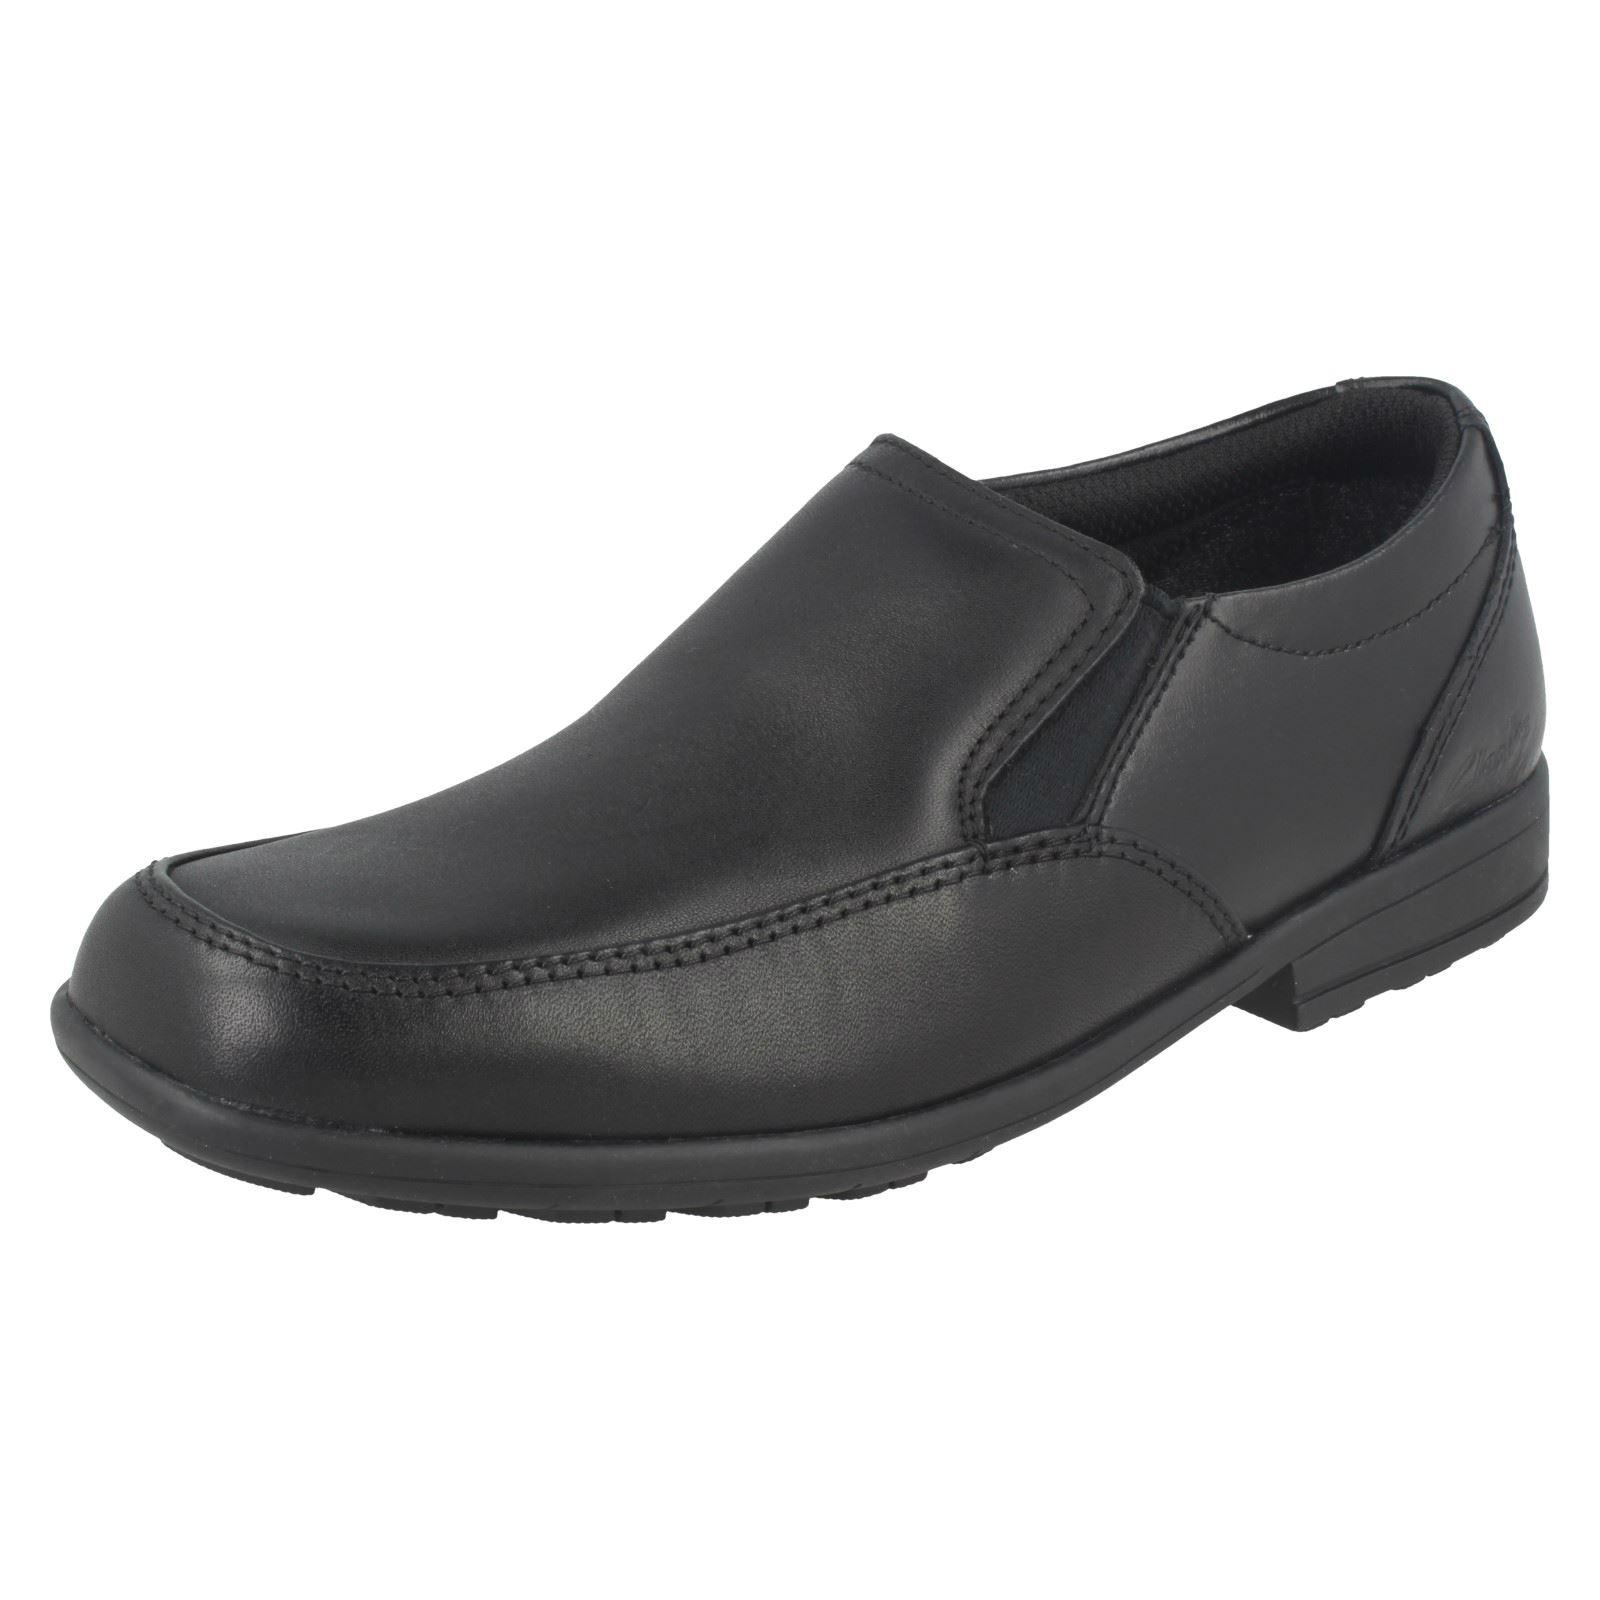 Chicos Clarks Zapatos Escuela Estilo Mocasín kooru paso